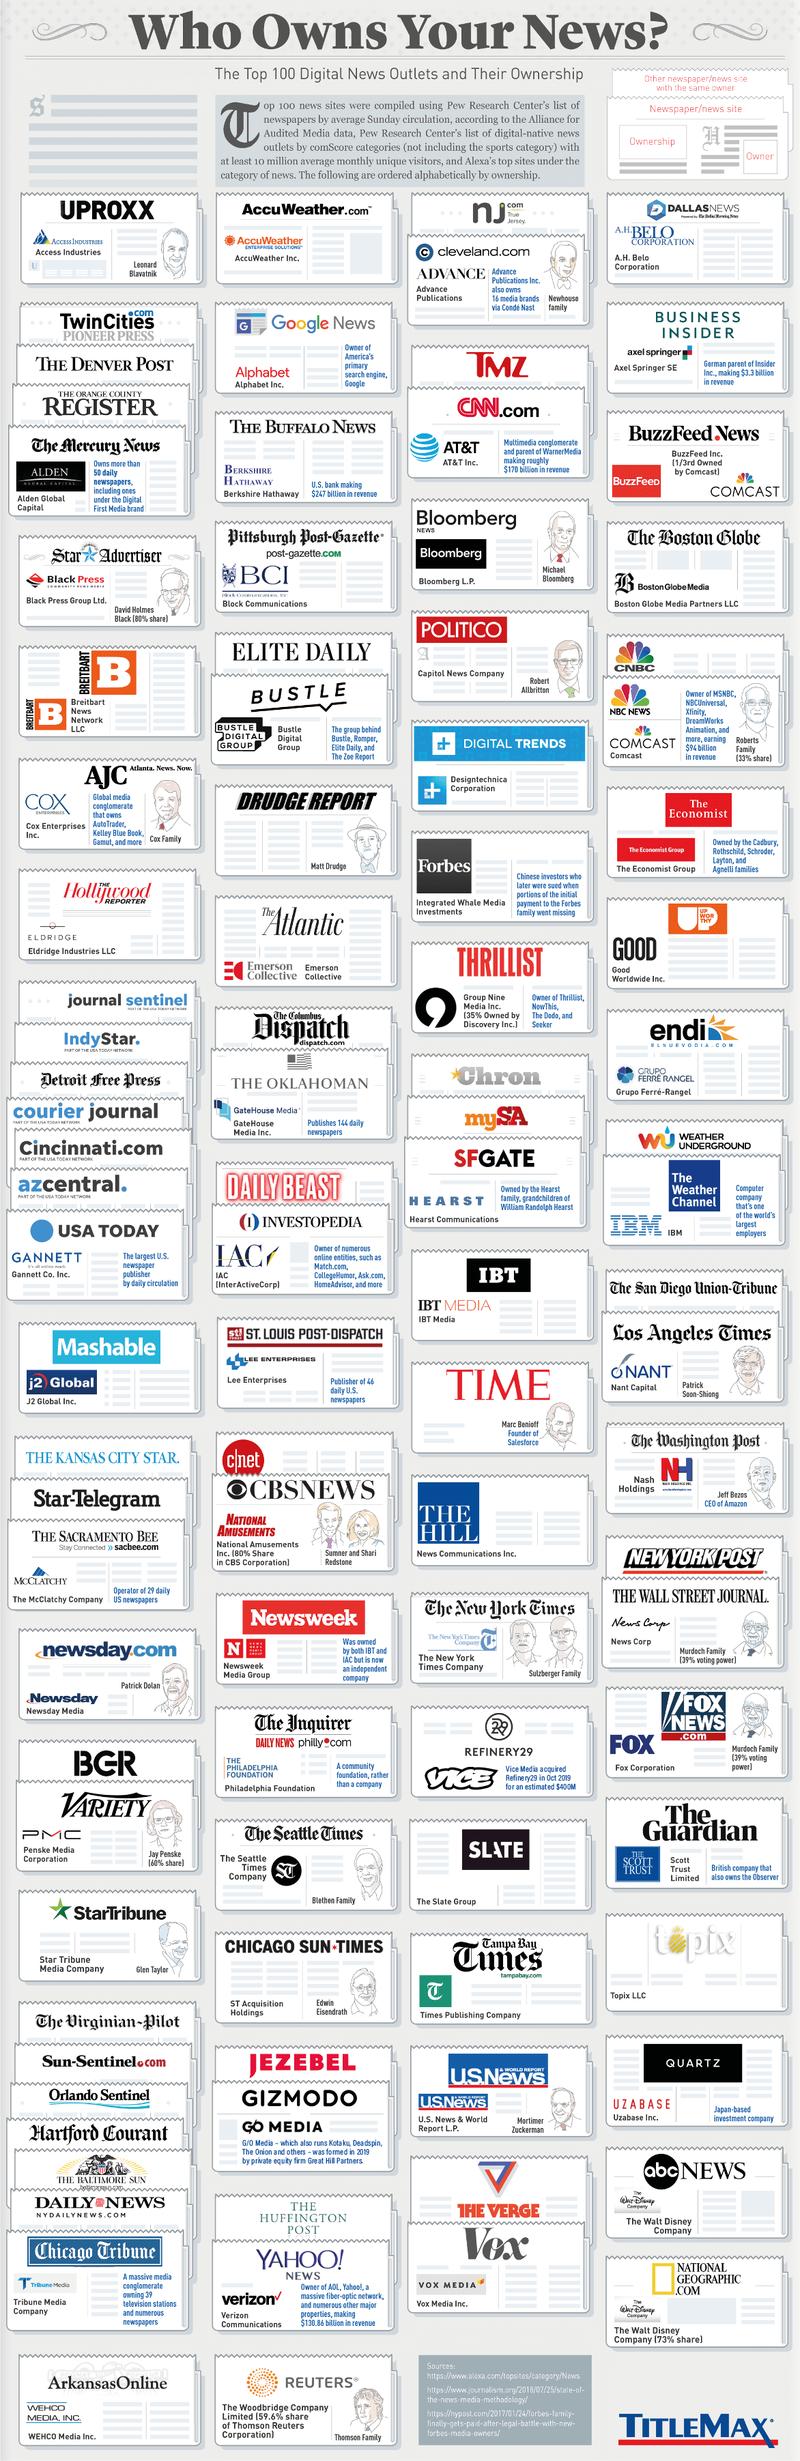 Nieuwsmedia en ondernemers